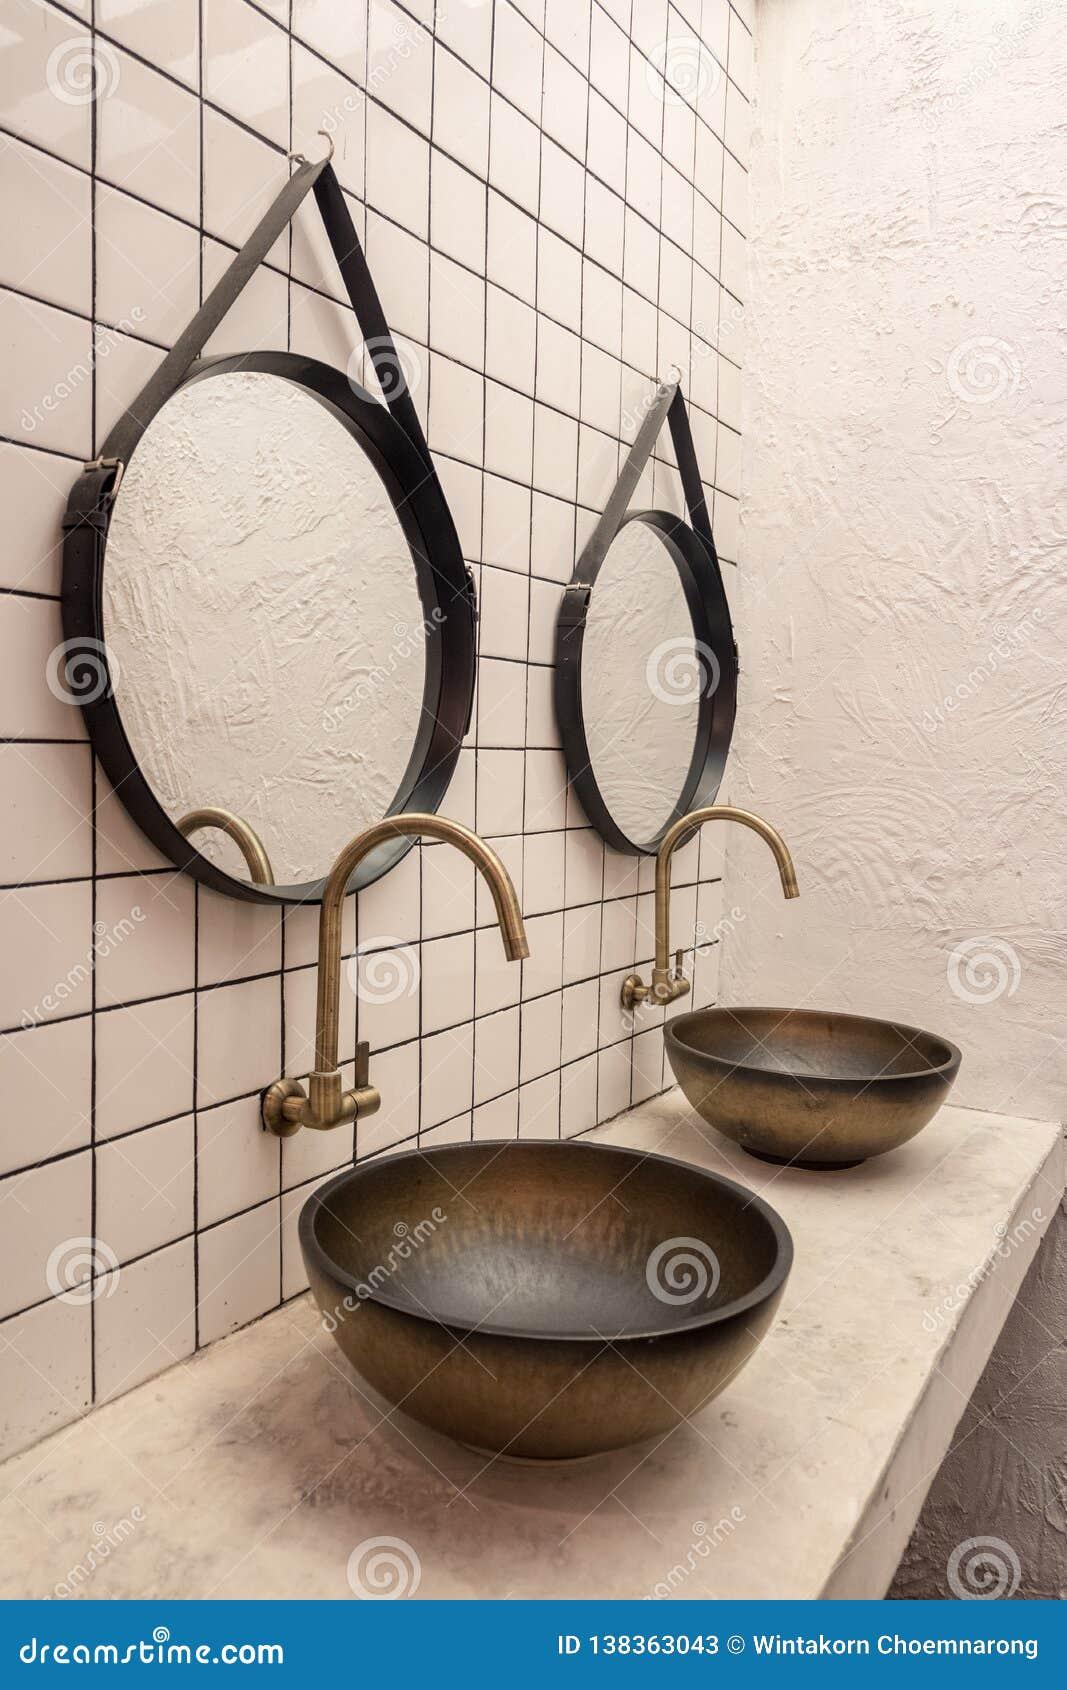 Klassiek badkamersontwerp met gouden waterkraan, oude gootsteen en retro spiegel